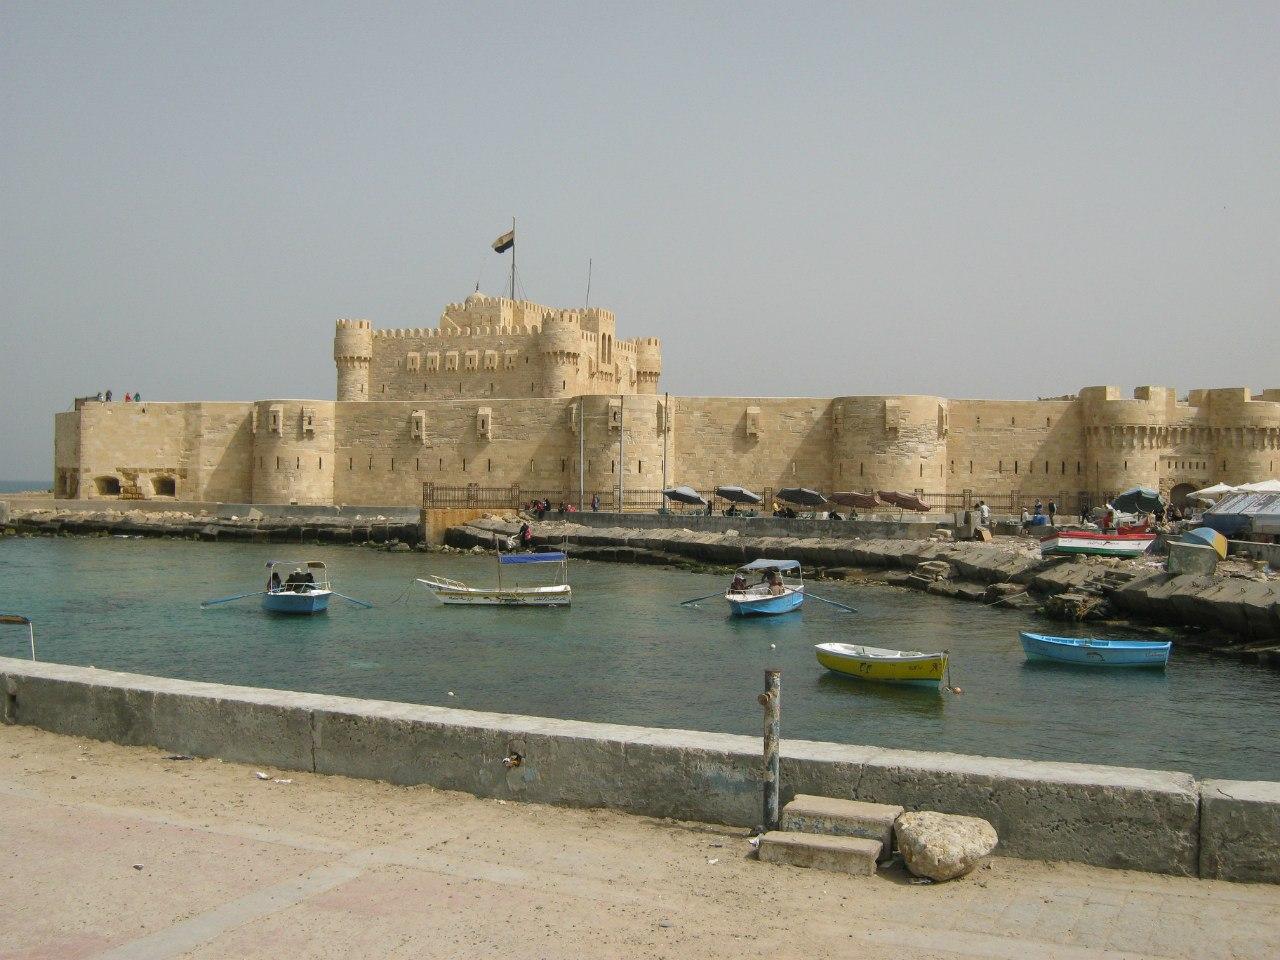 Крепость Каитбей (Qaitbei) в Александрии